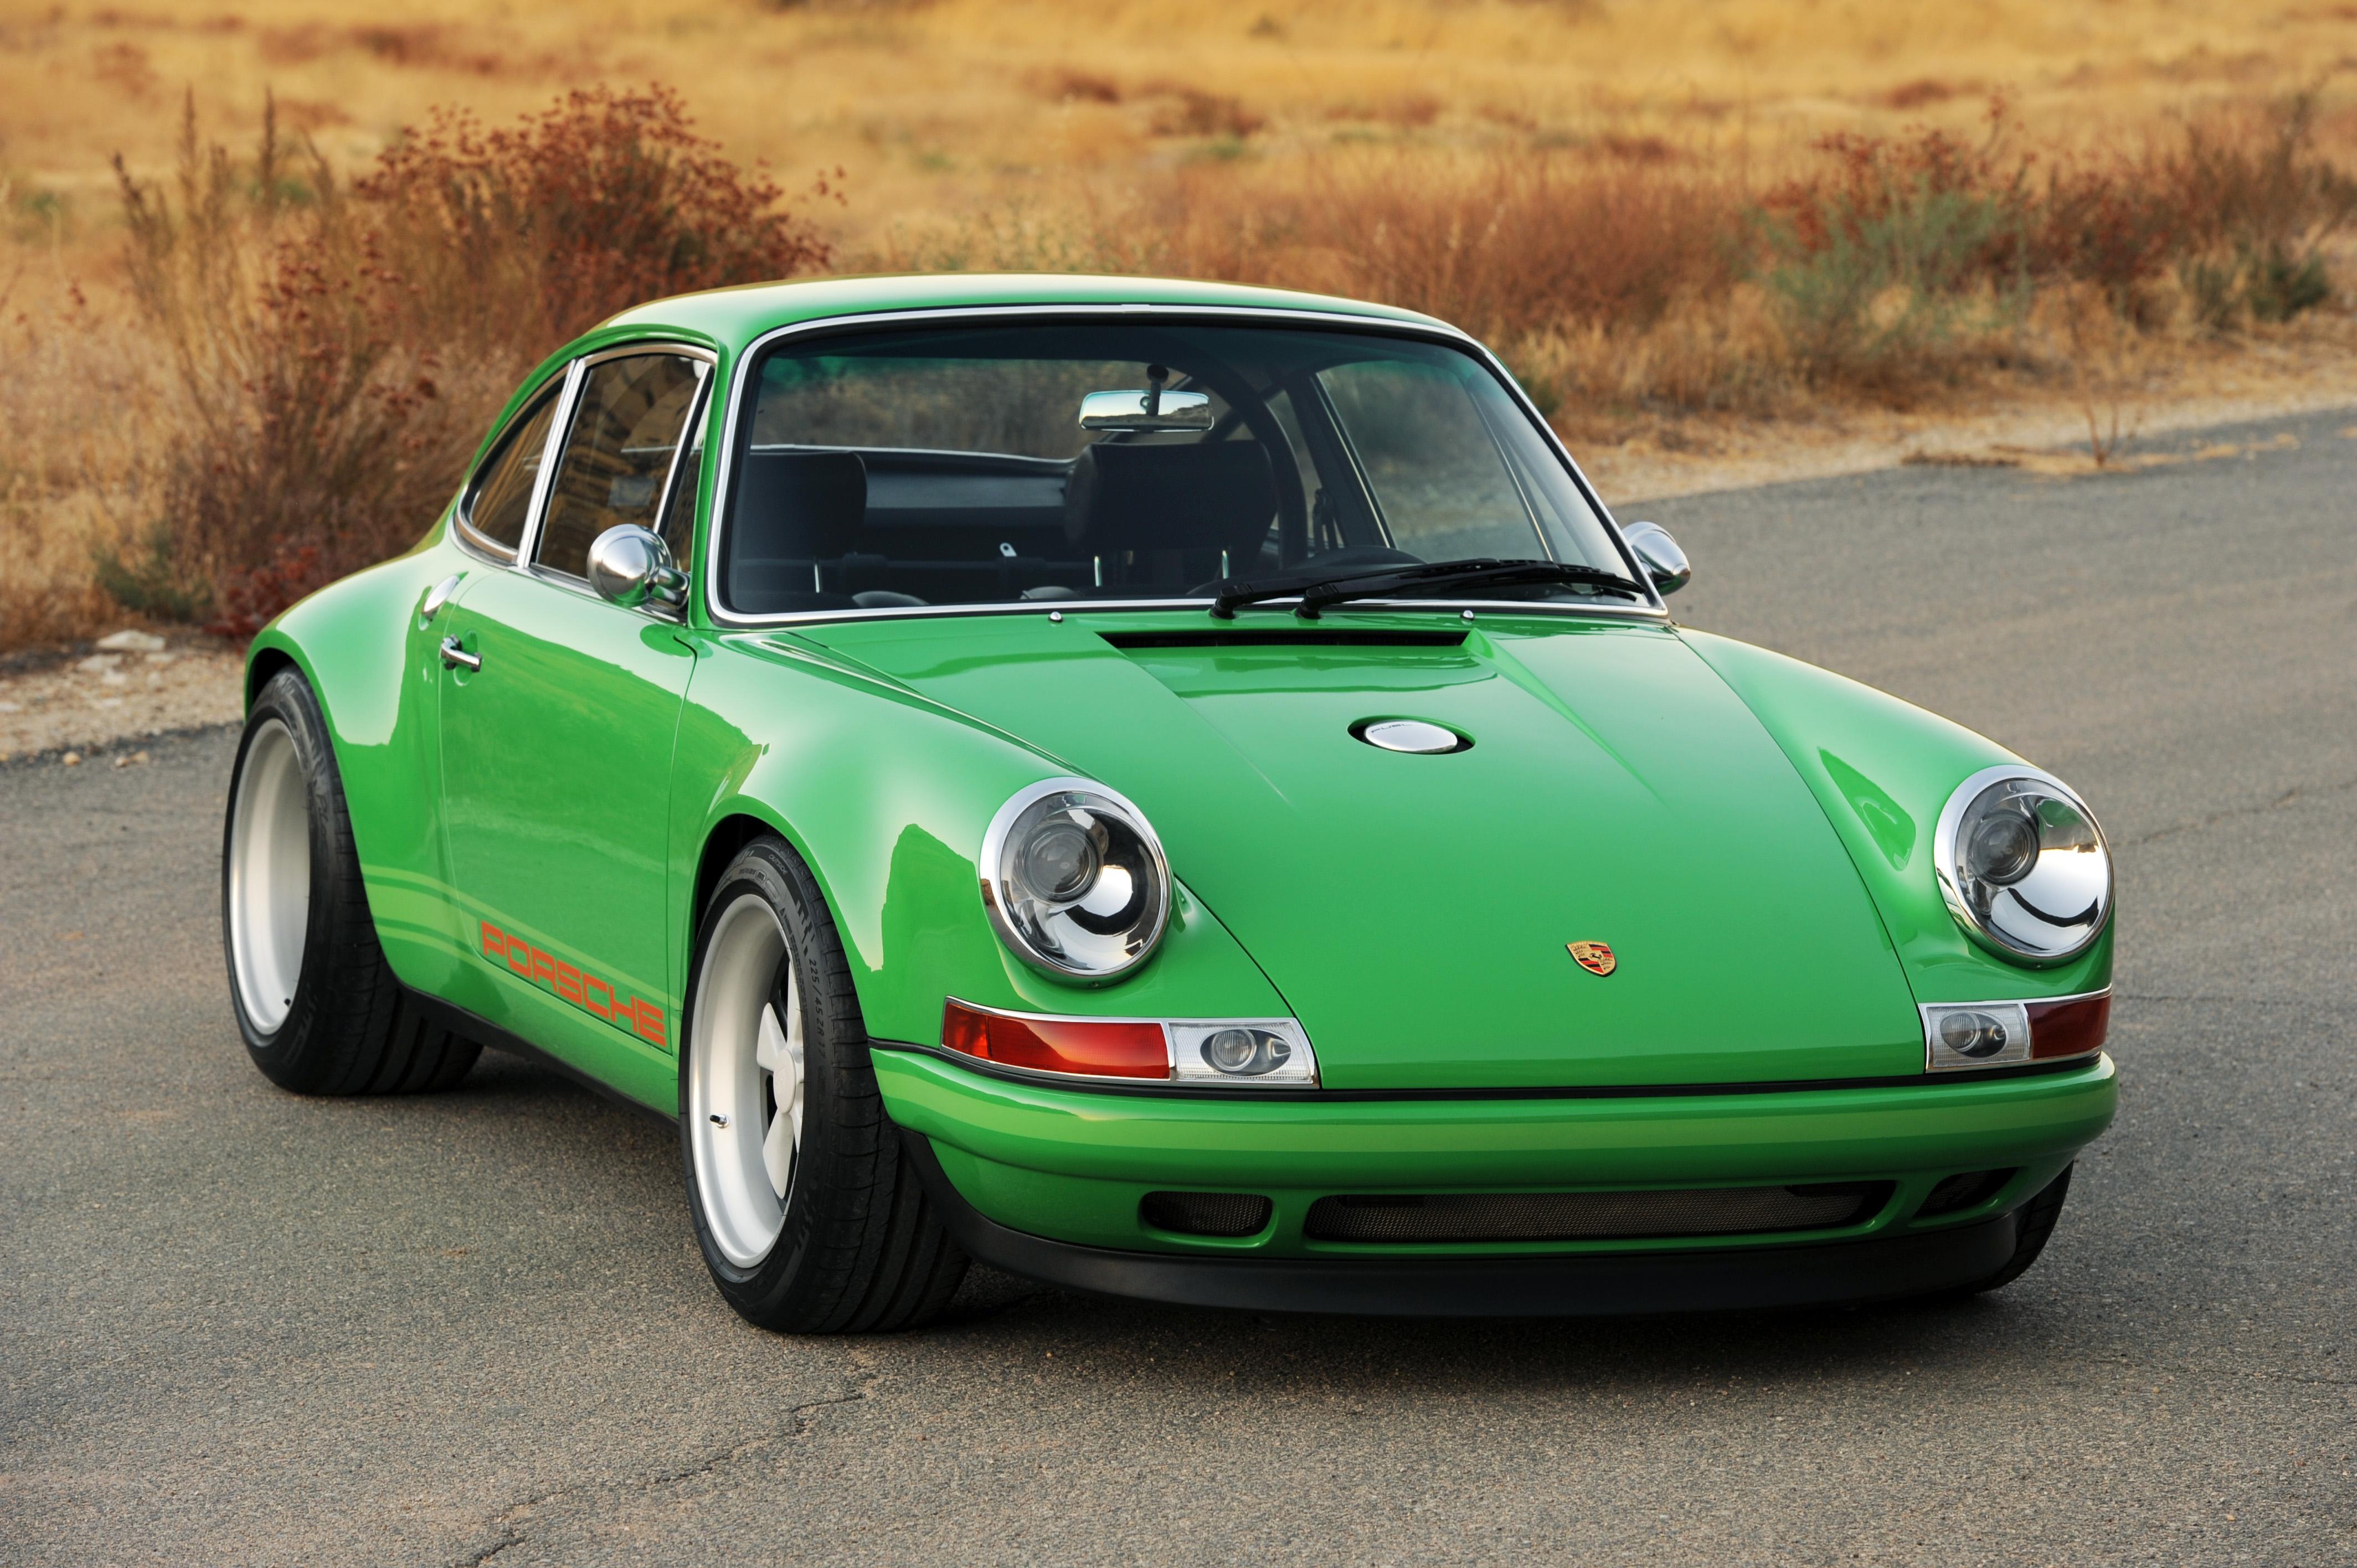 Fondos De Pantalla Vehículo Porsche Show De Net: Fondos De Pantalla : Vehículo, Cantante, Porsche 911